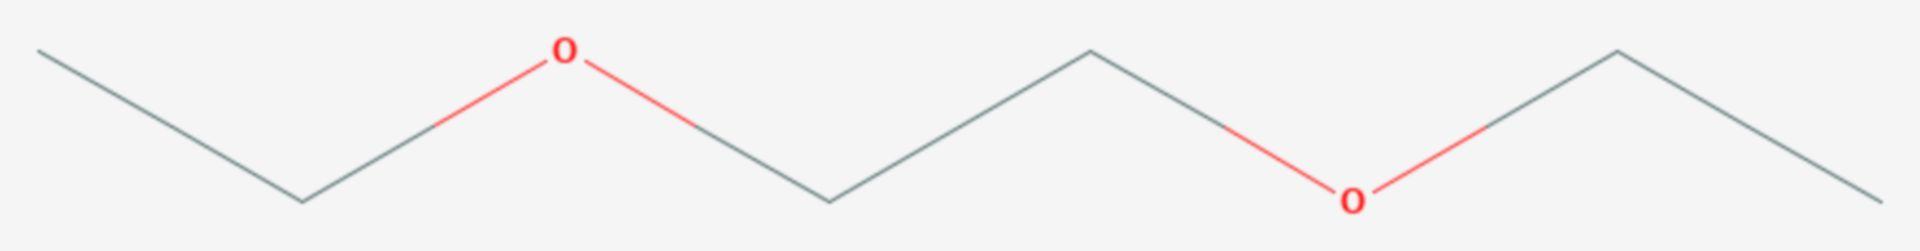 Ethylenglycoldiethylether (Strukturformel)